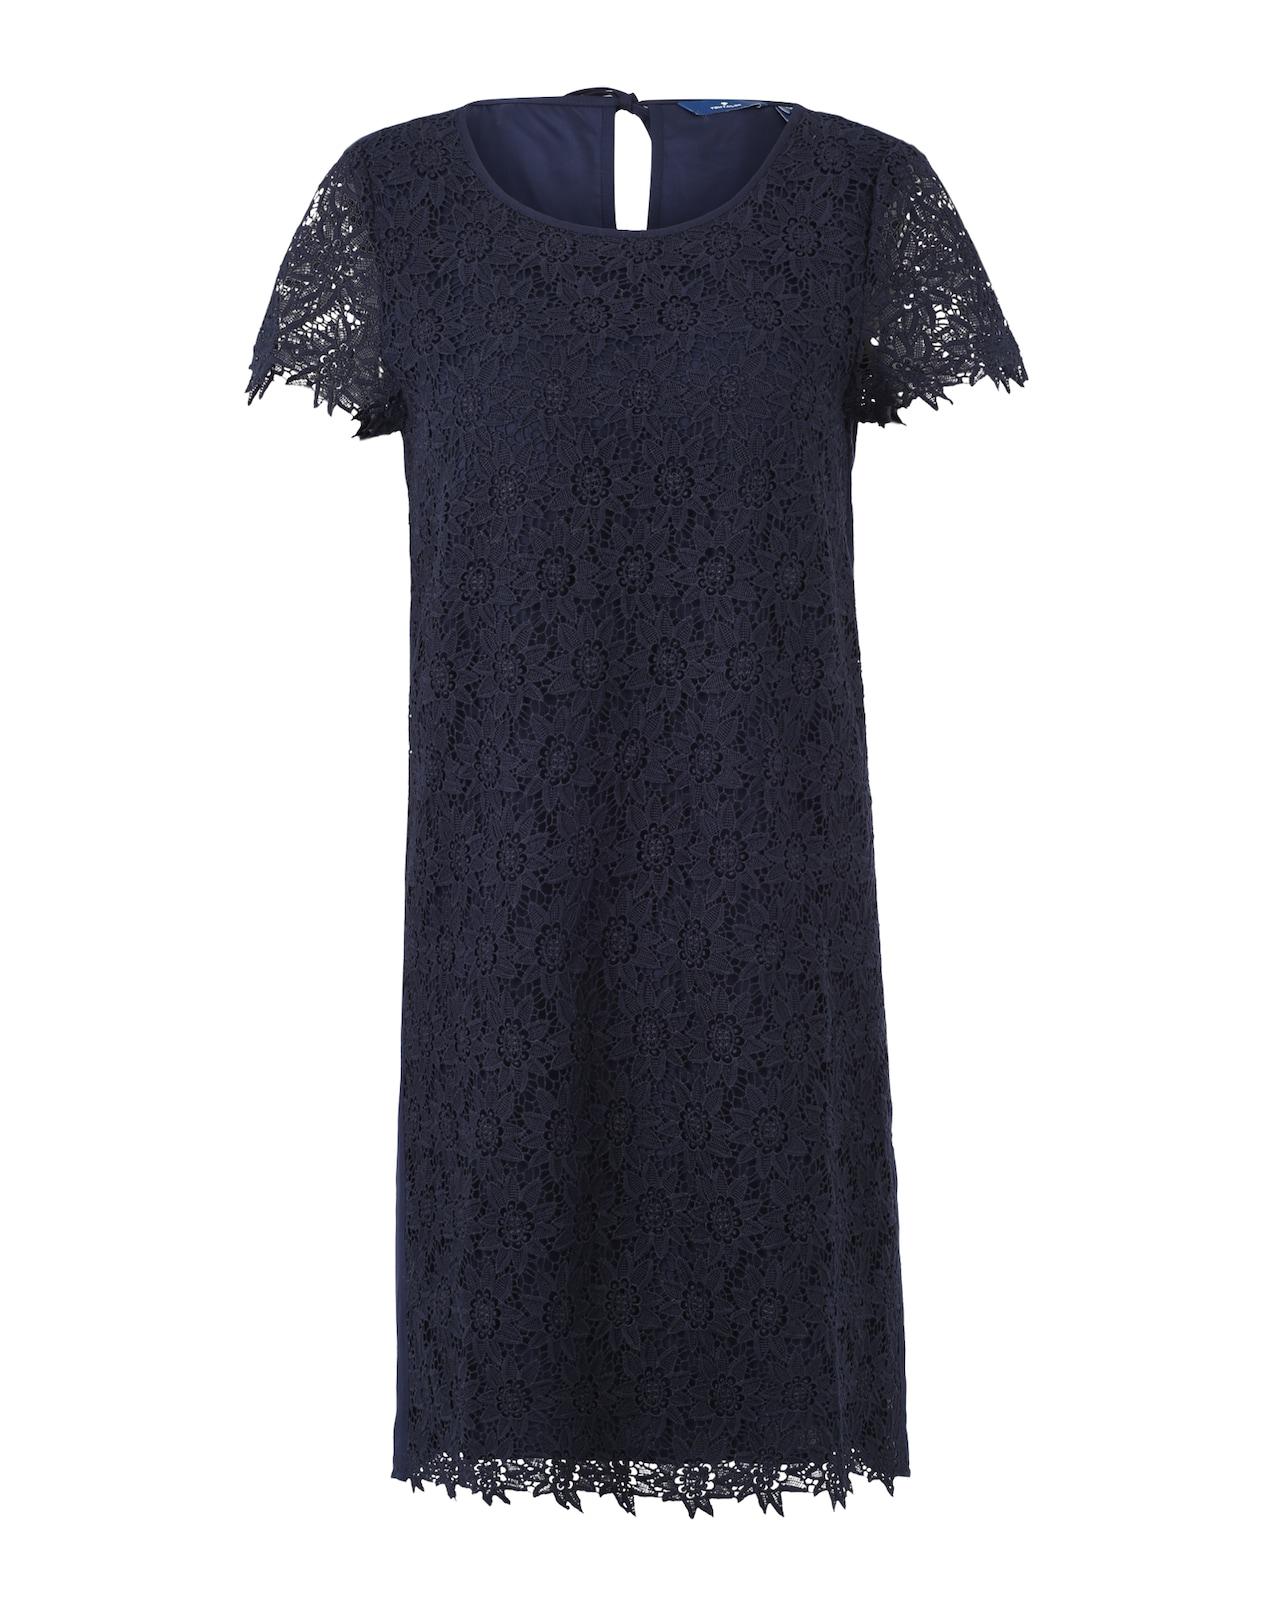 TOM TAILOR Kleid mit Spitzenbesatz